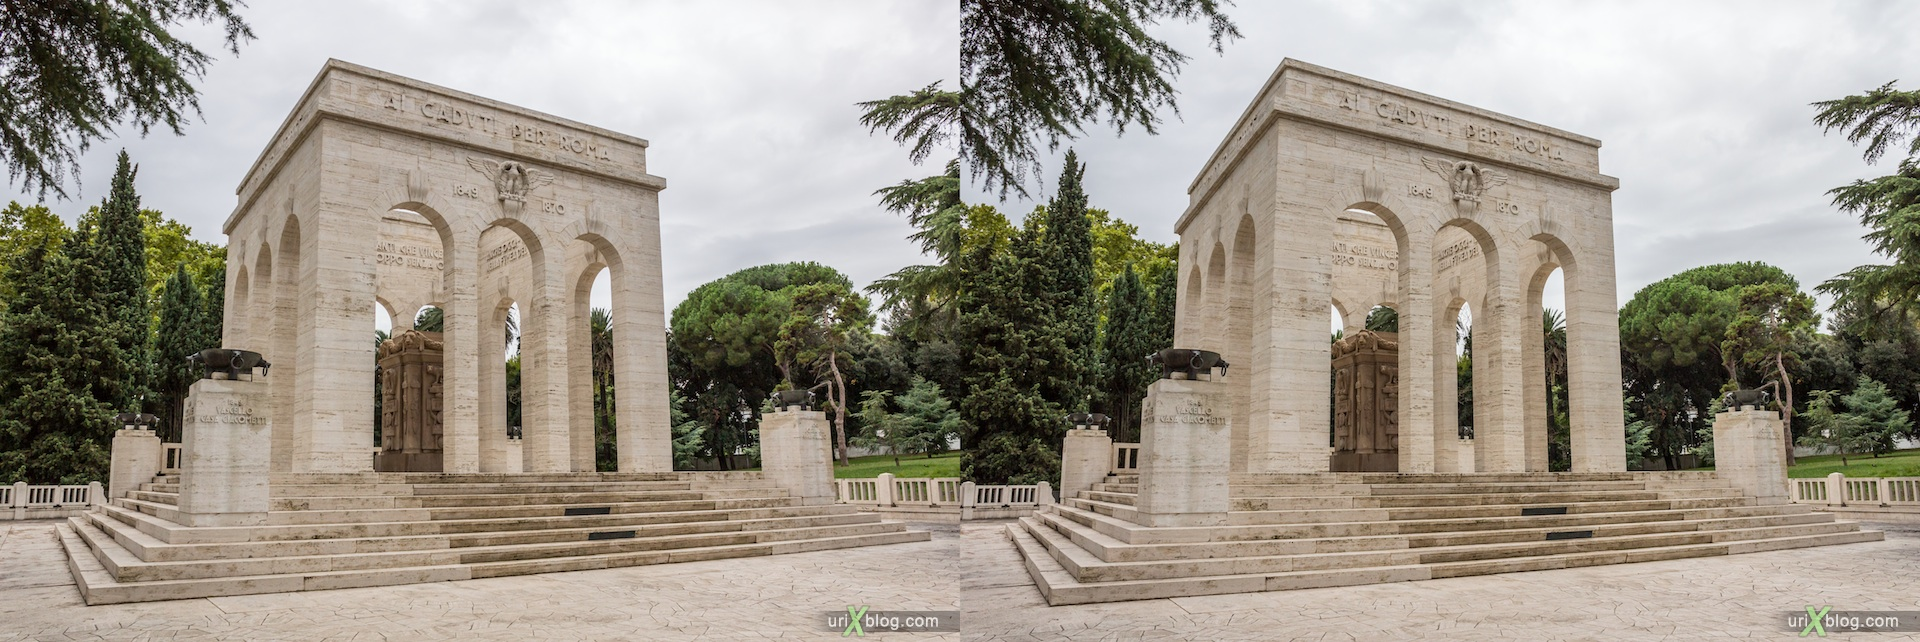 2012, Mausoleum of Garibaldi, Via Garibaldi street, Rome, Italy, Europe, 3D, stereo pair, cross-eyed, crossview, cross view stereo pair